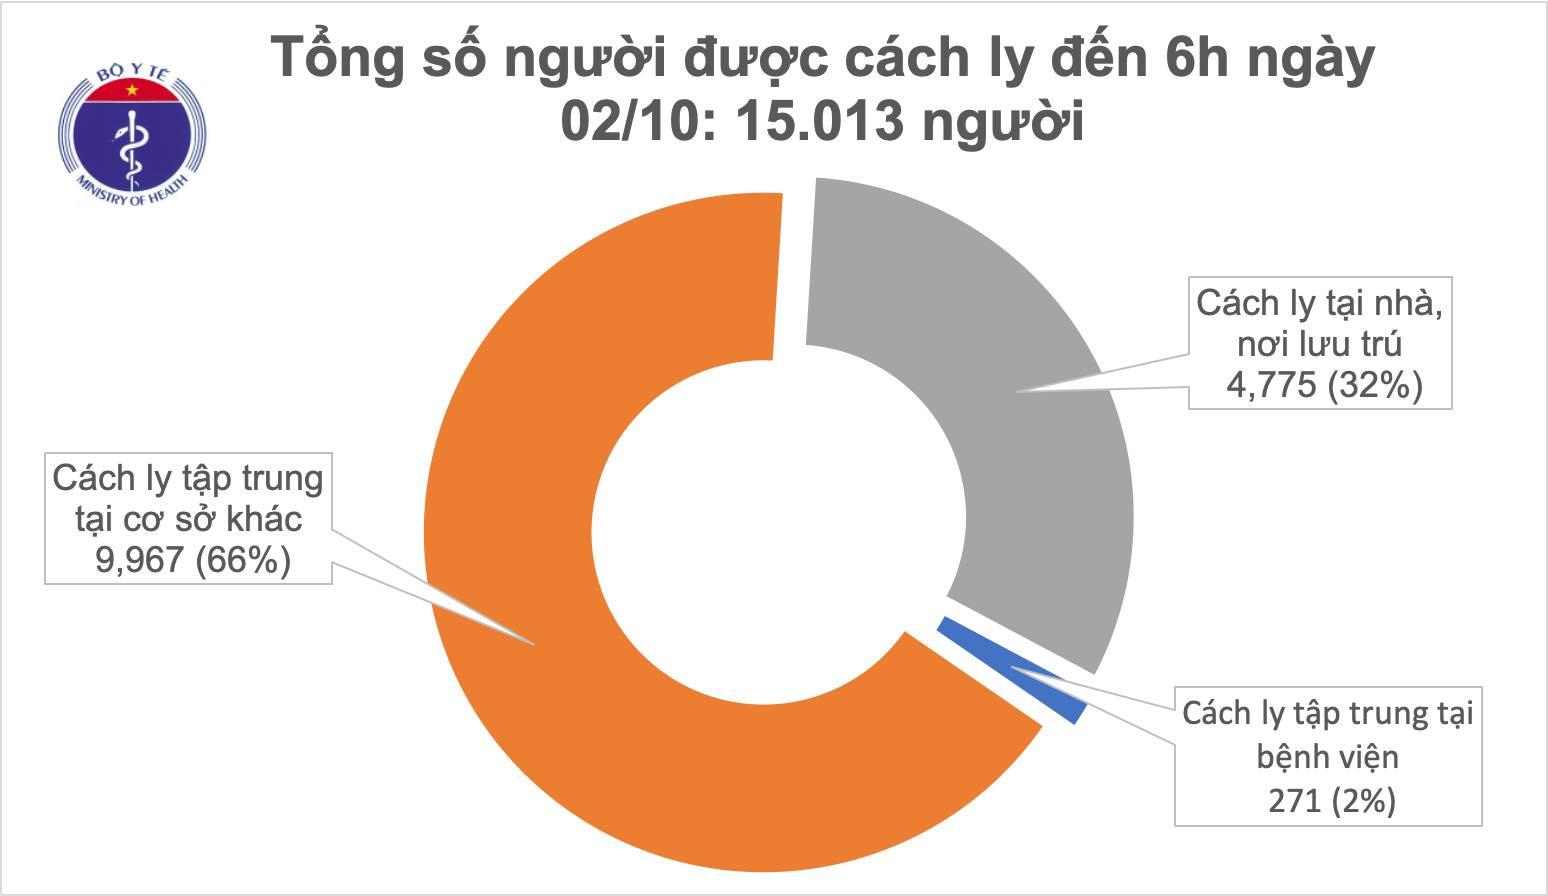 Sáng 2/10, đã 1 tháng Việt Nam không ghi nhận ca mắc COVID-19 ở cộng đông - Ảnh 1